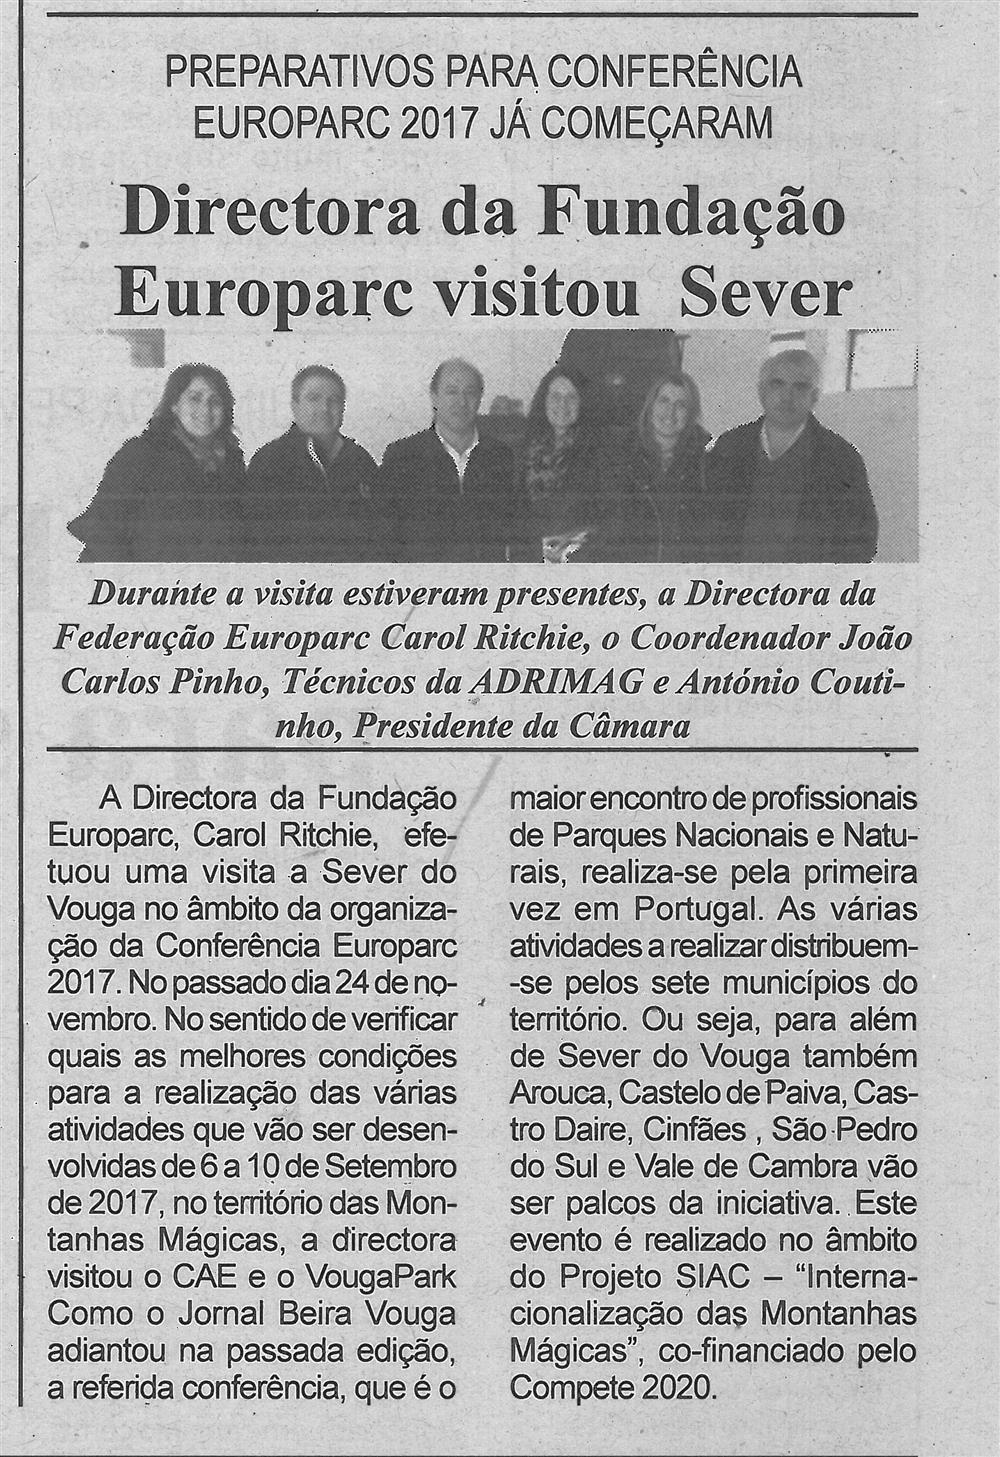 BV-1.ªdez.'16-p.3-Directora da Fundação Europarc visitou Sever : preparativos para Conferência Europarc 2017 já começaram.jpg